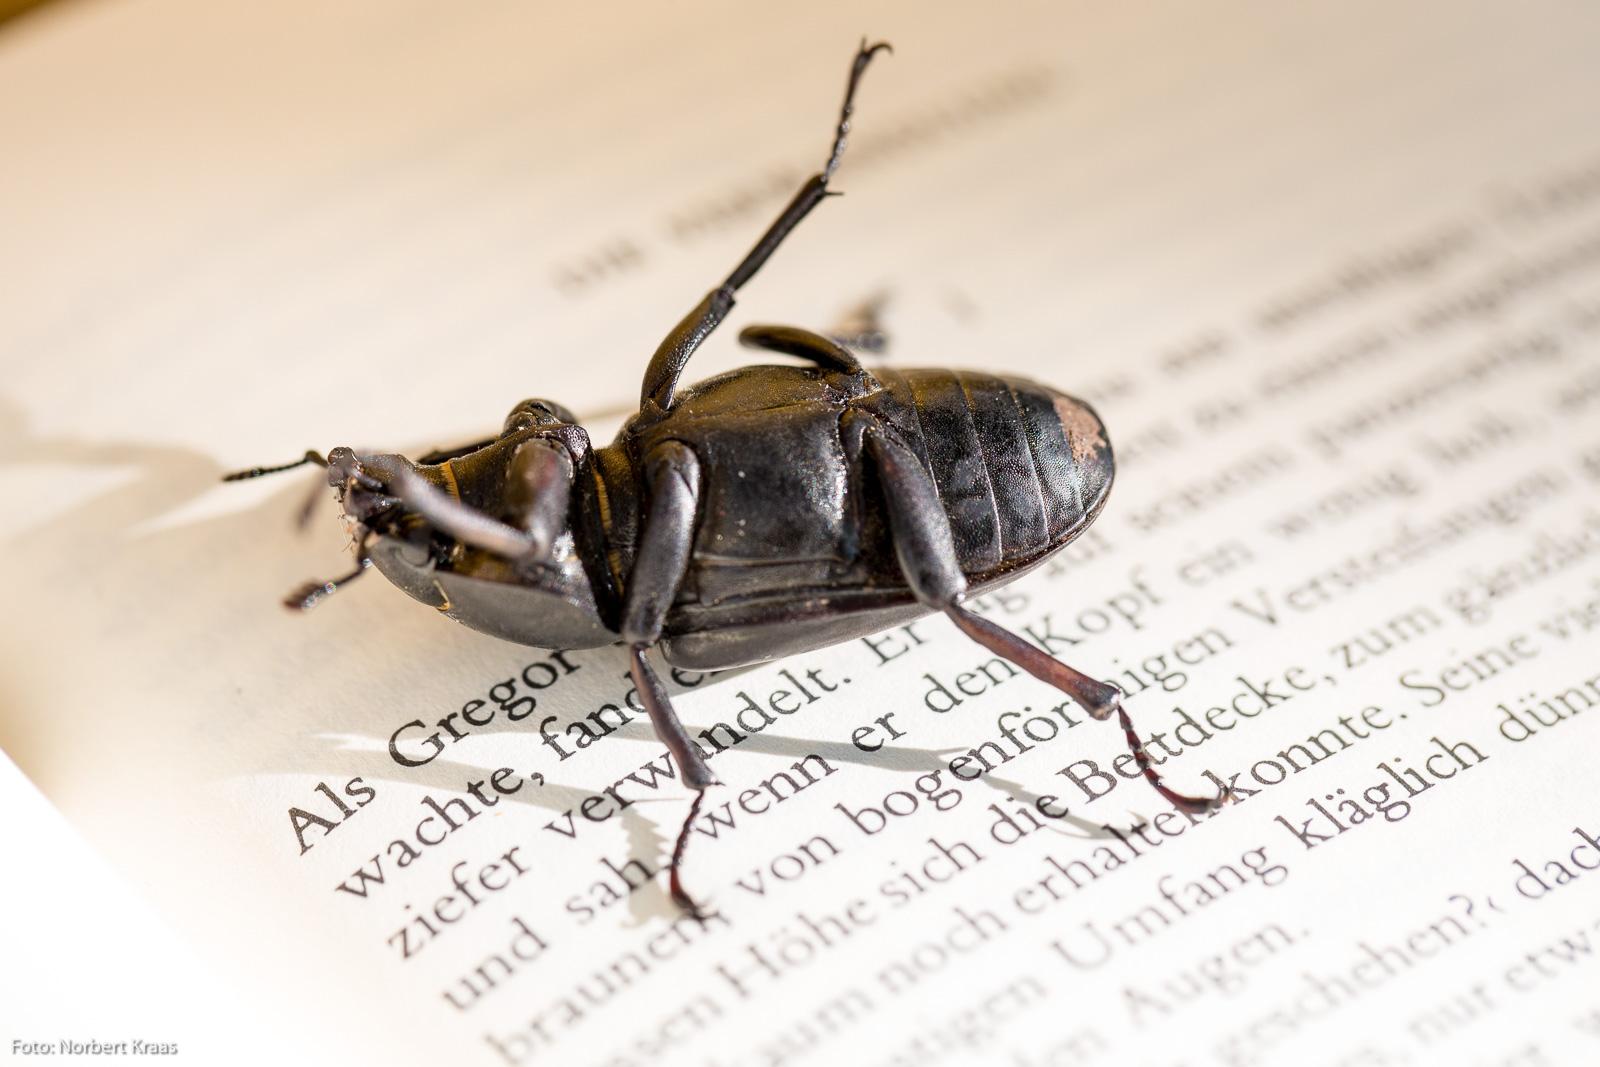 Der Käfer hat sich weder in Kafka verwandelt, noch wurde er für dieses Foto verletzt oder gar getötet.